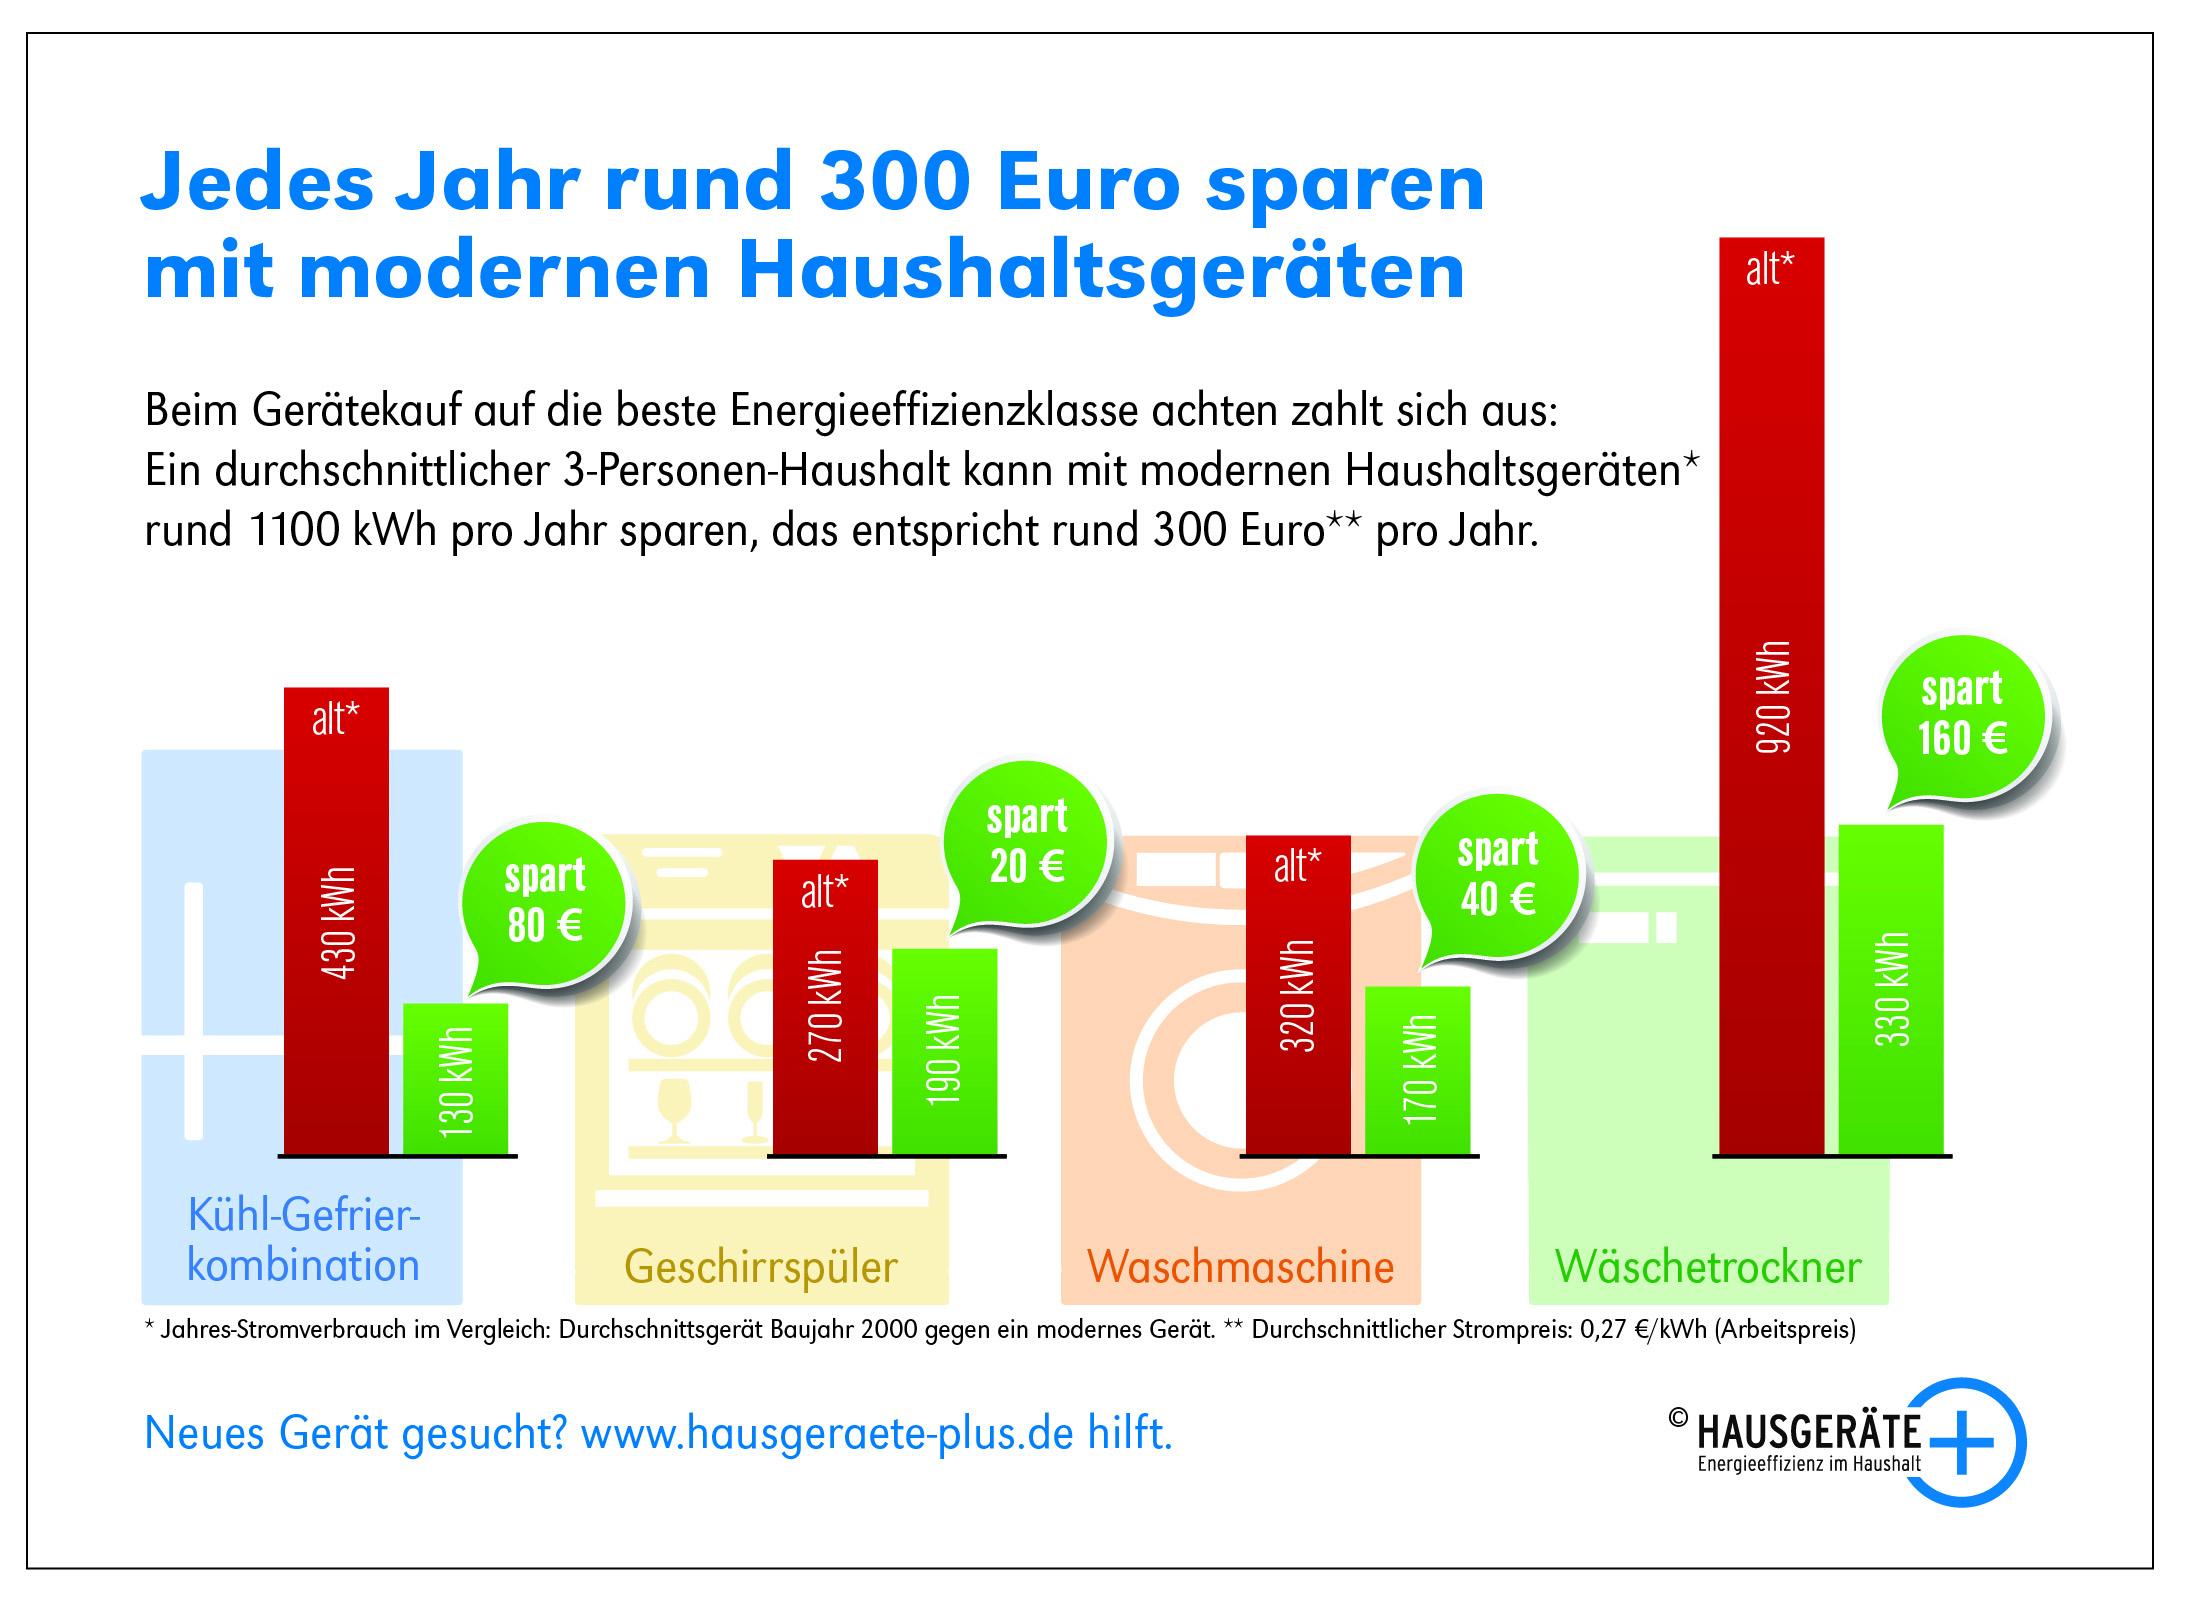 Hausgräte+: 300 Euro sparen mit modernen Geräten (Quelle: Initiative Hausgeräte+)